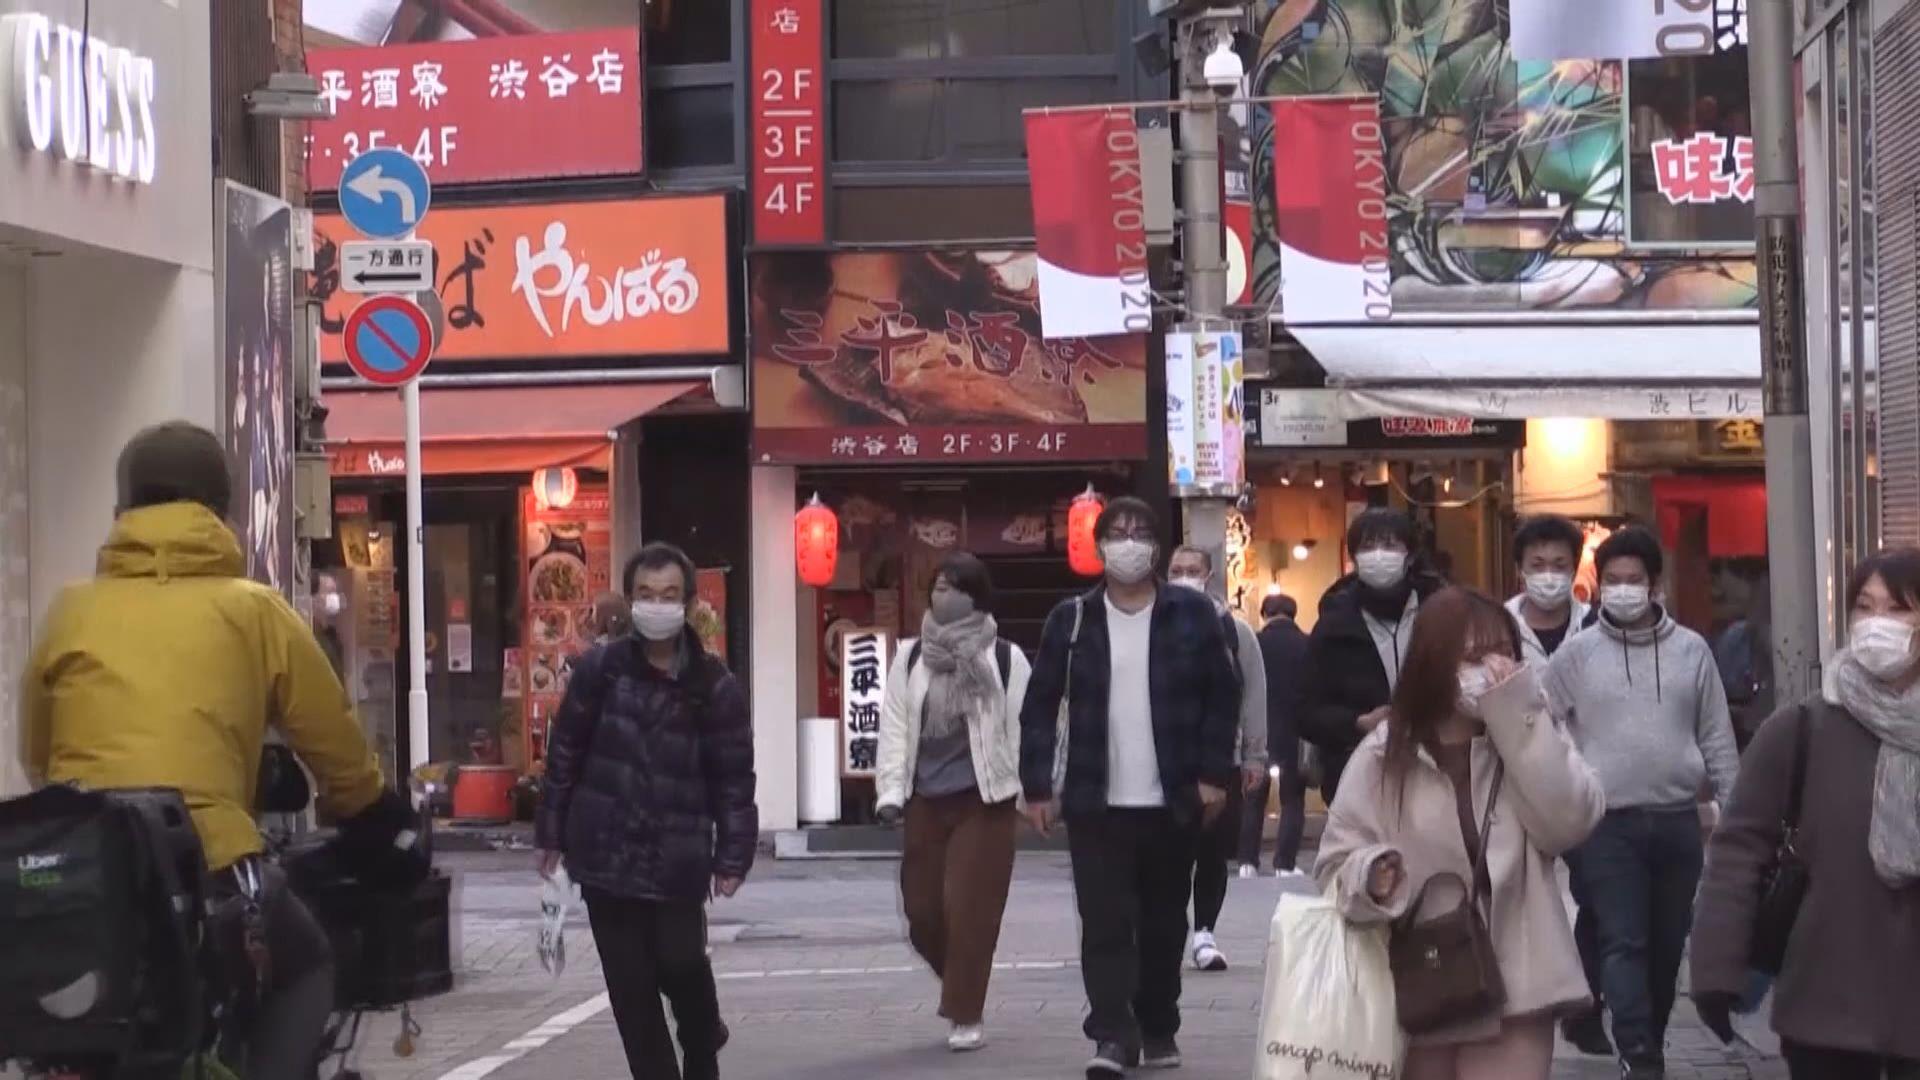 日本證實最少兩名確診者對英國變種病毒檢測呈陽性